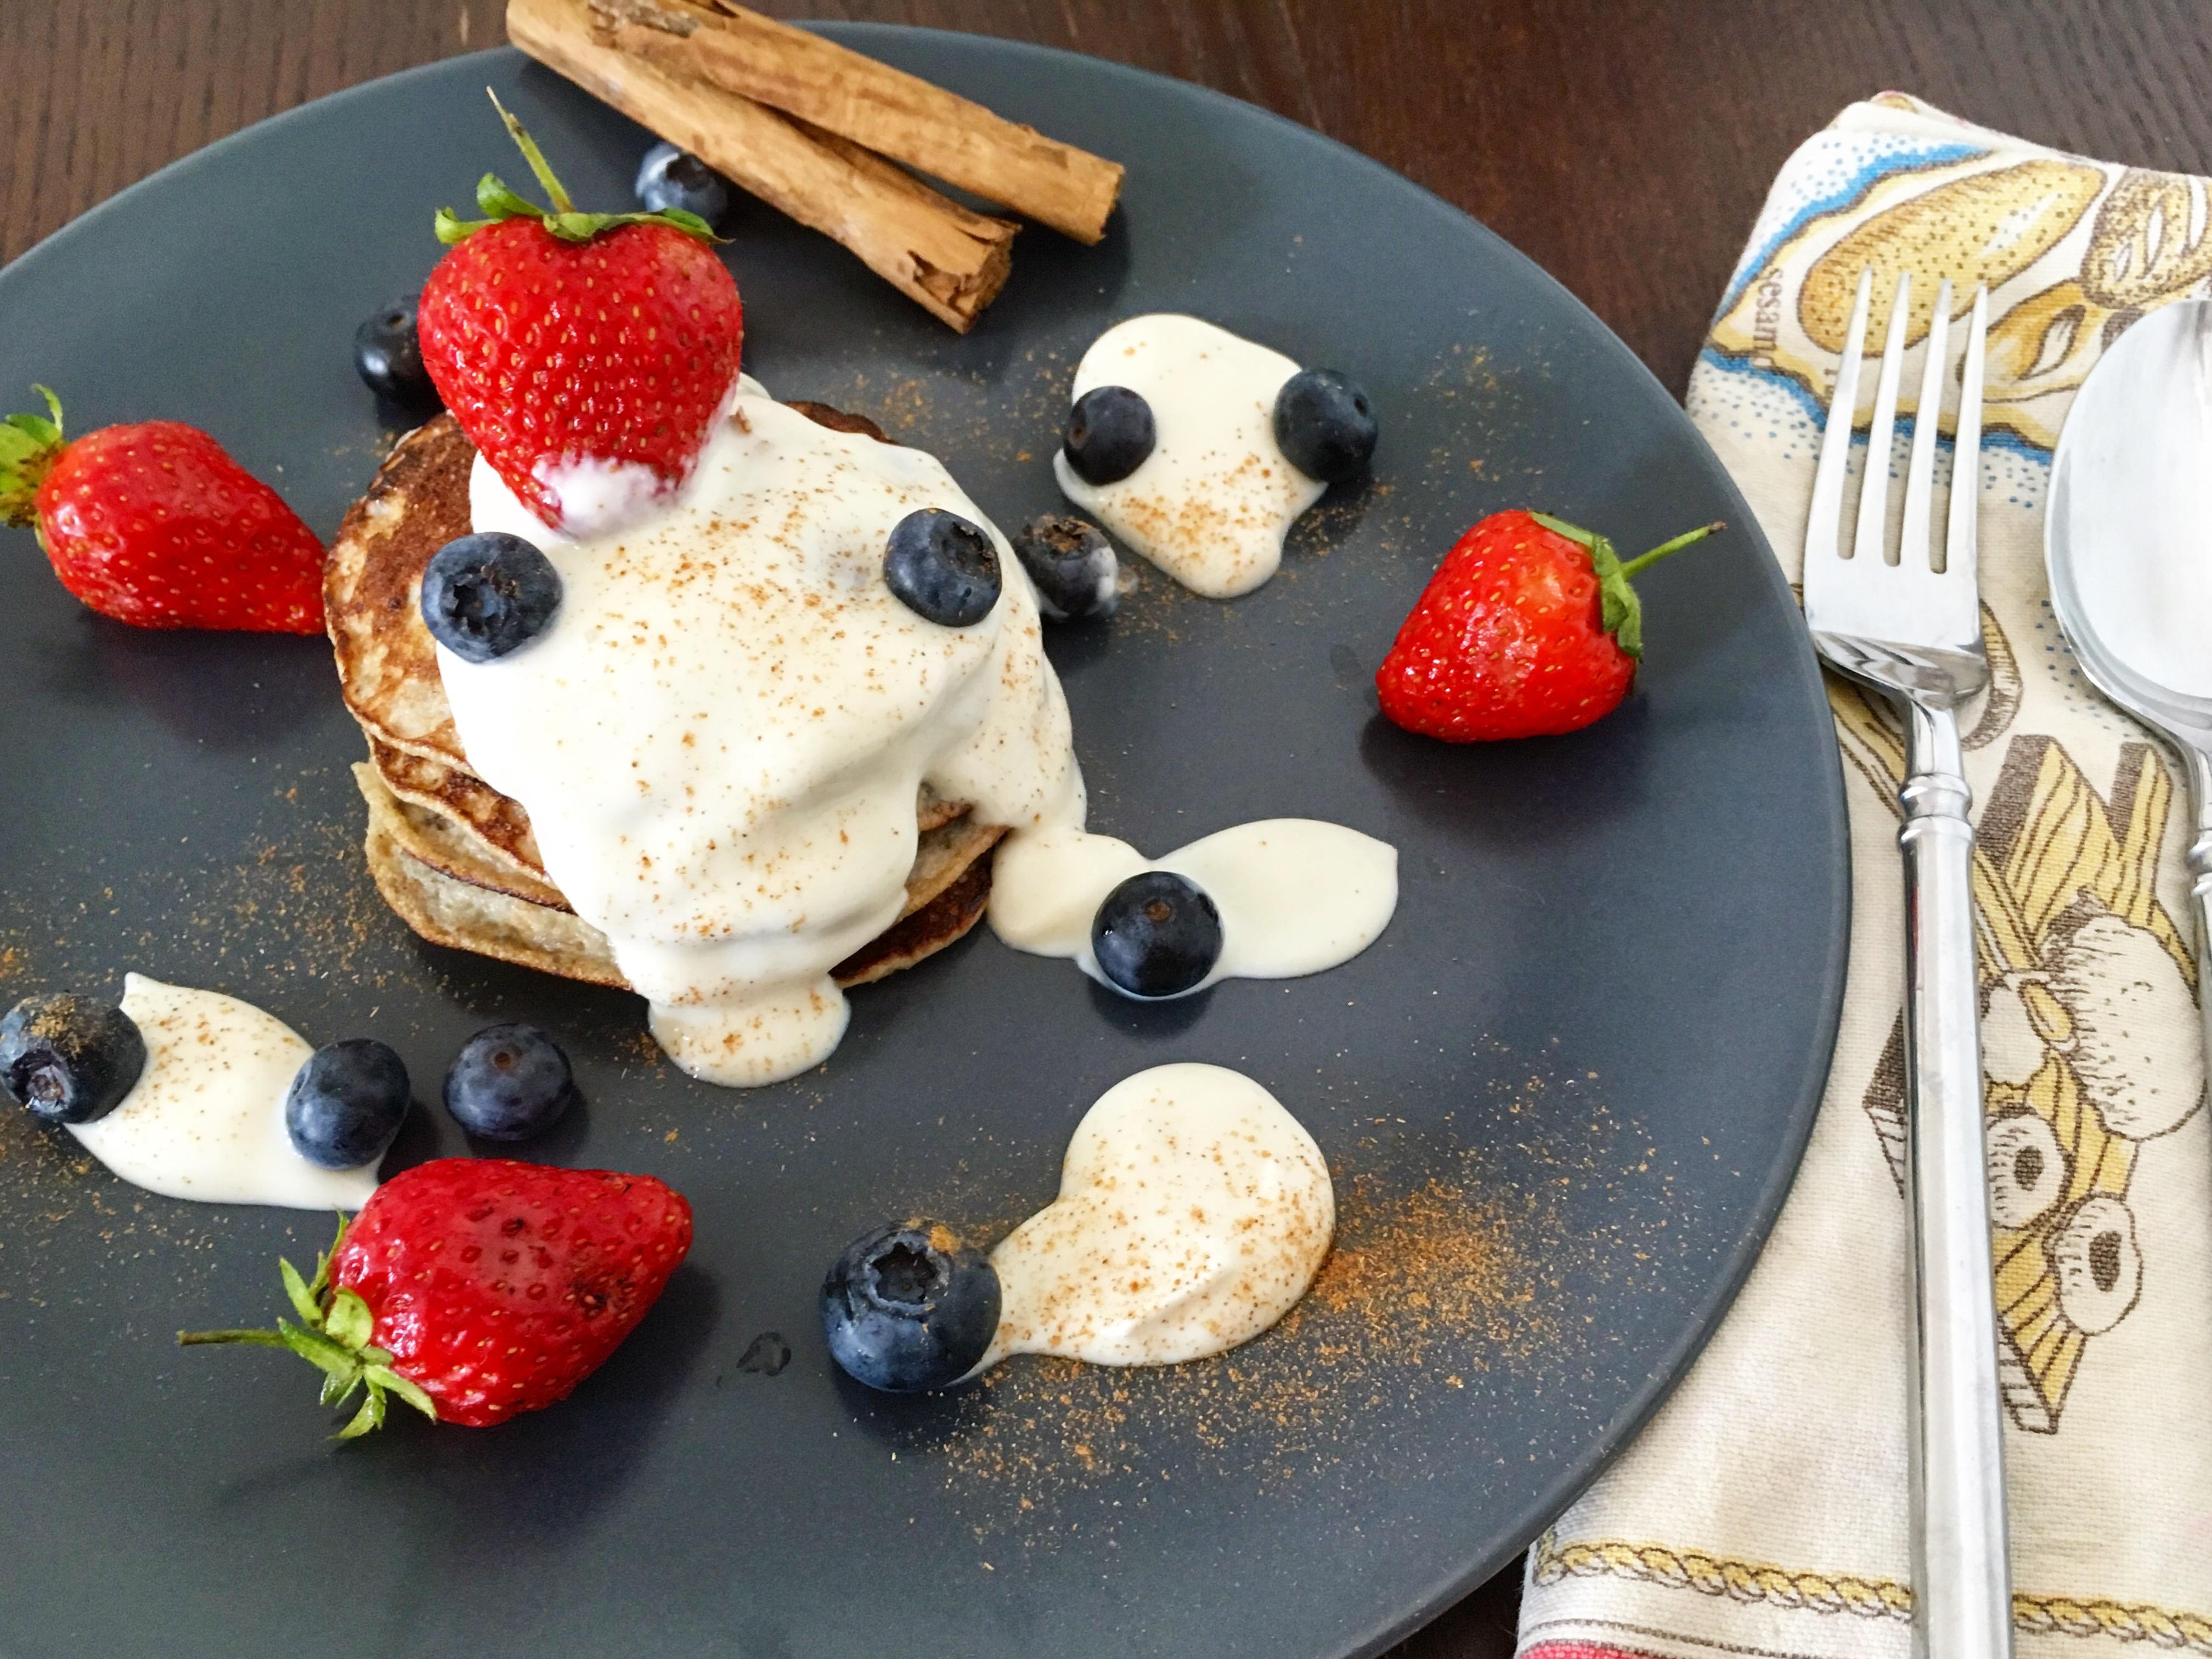 Gluten Free, Dairy Free Two-Ingredient Banana Pancakes 🍌